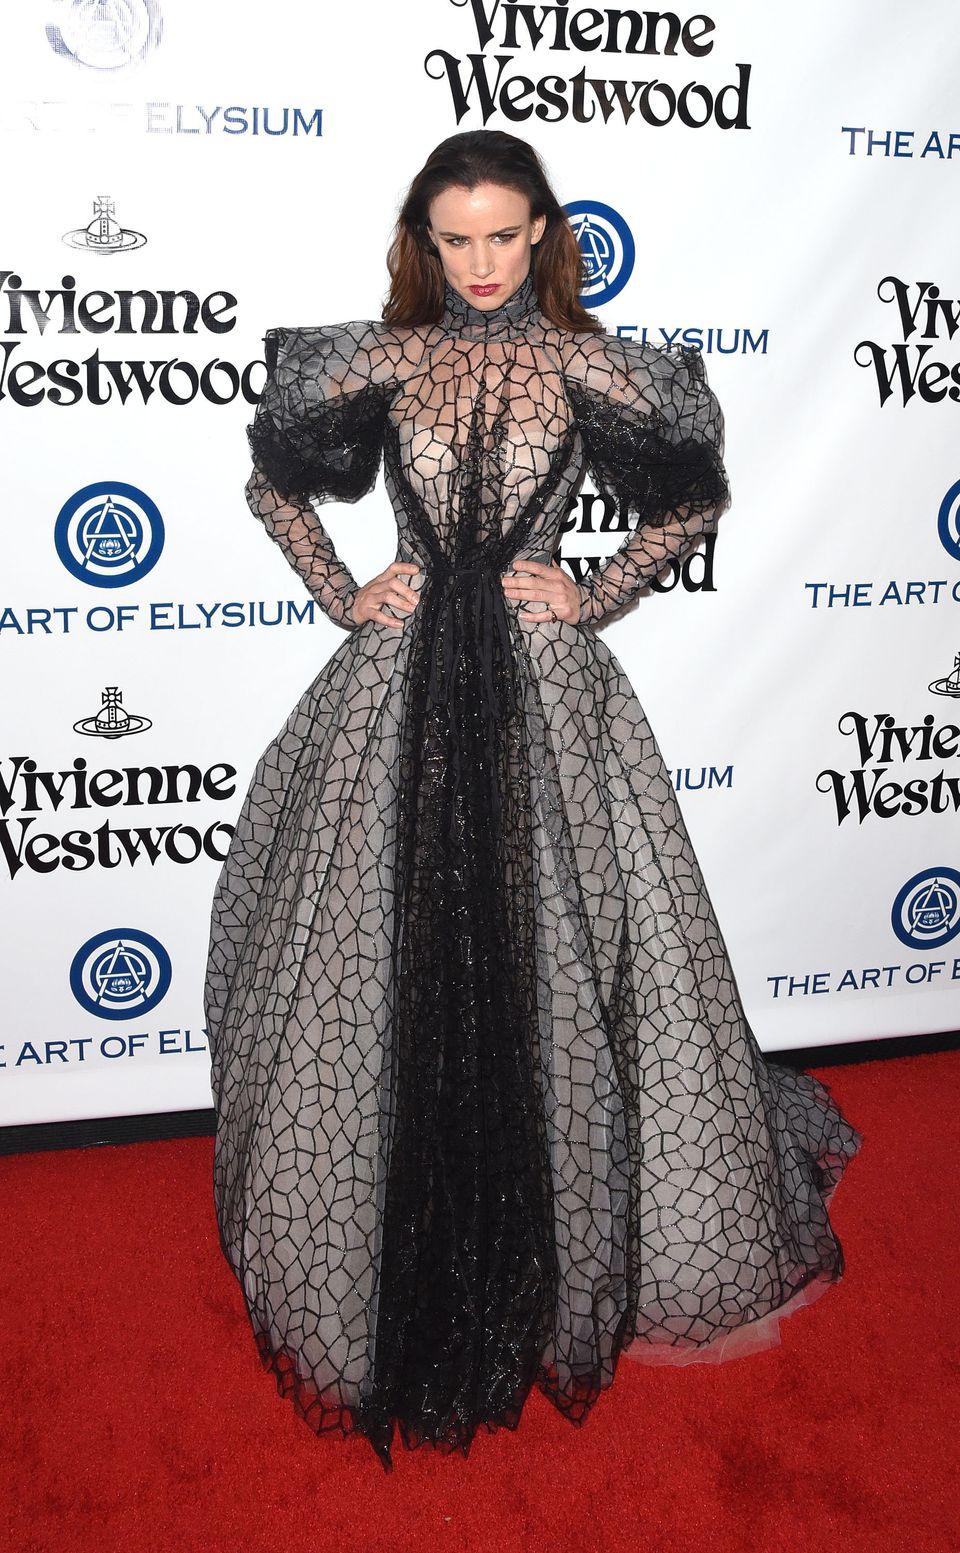 Atthe Art of Elysium 2016 HEAVEN Gala presented by Vivienne Westwood & Andreas Kronthaler in Culver City, Californi